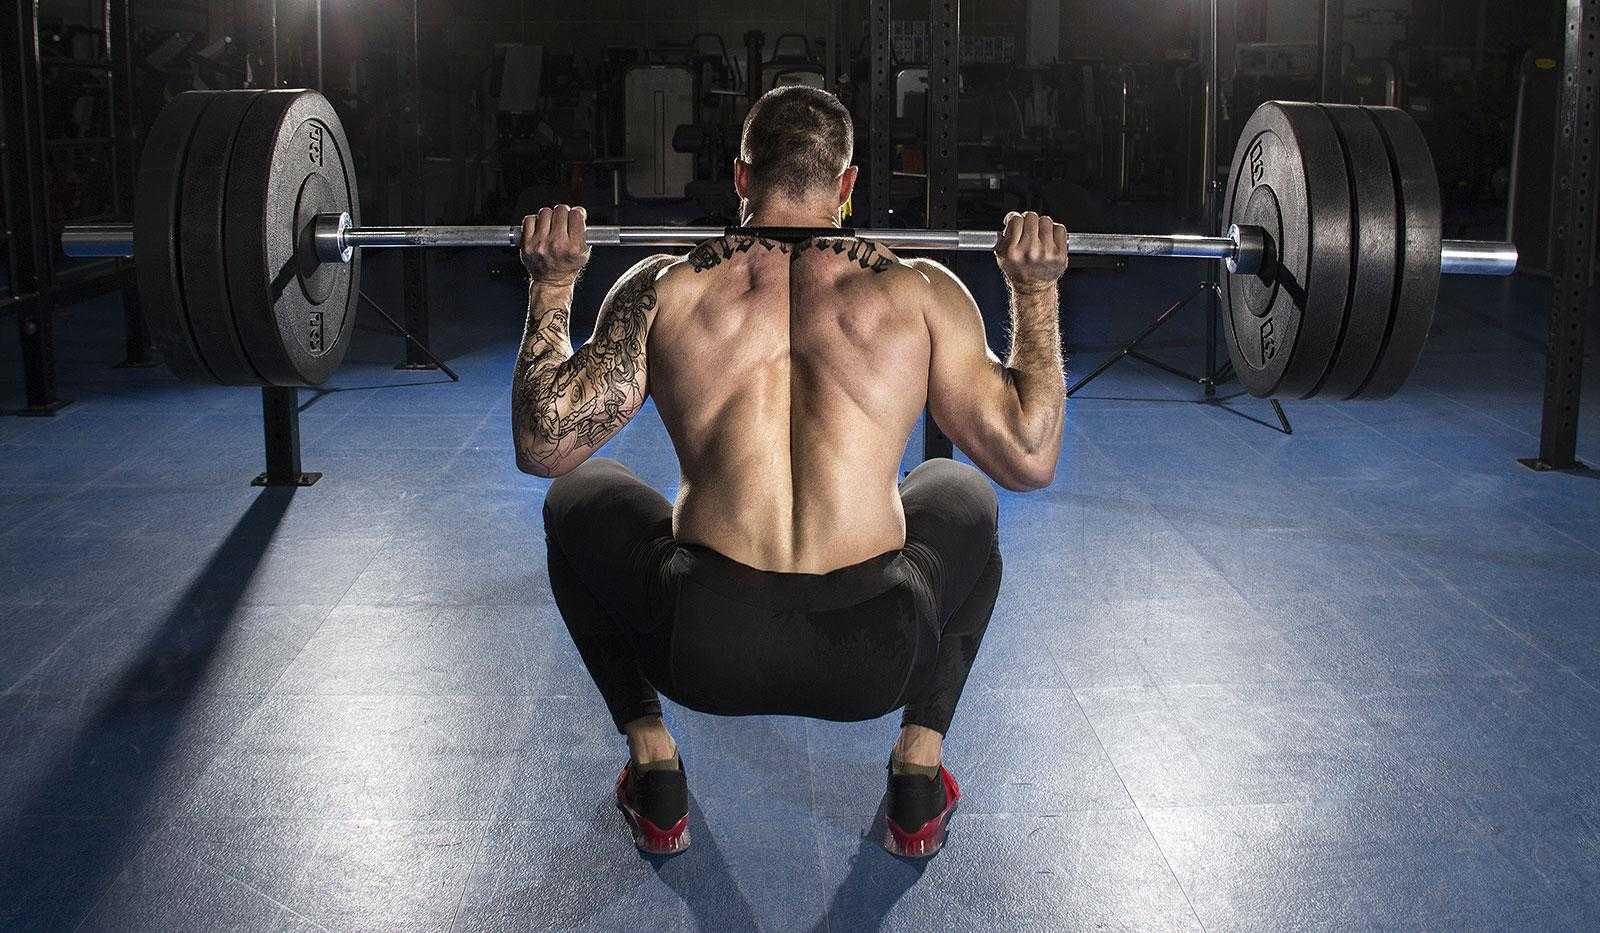 Приседания со штангой над головой: техника выполнения и польза упражнения